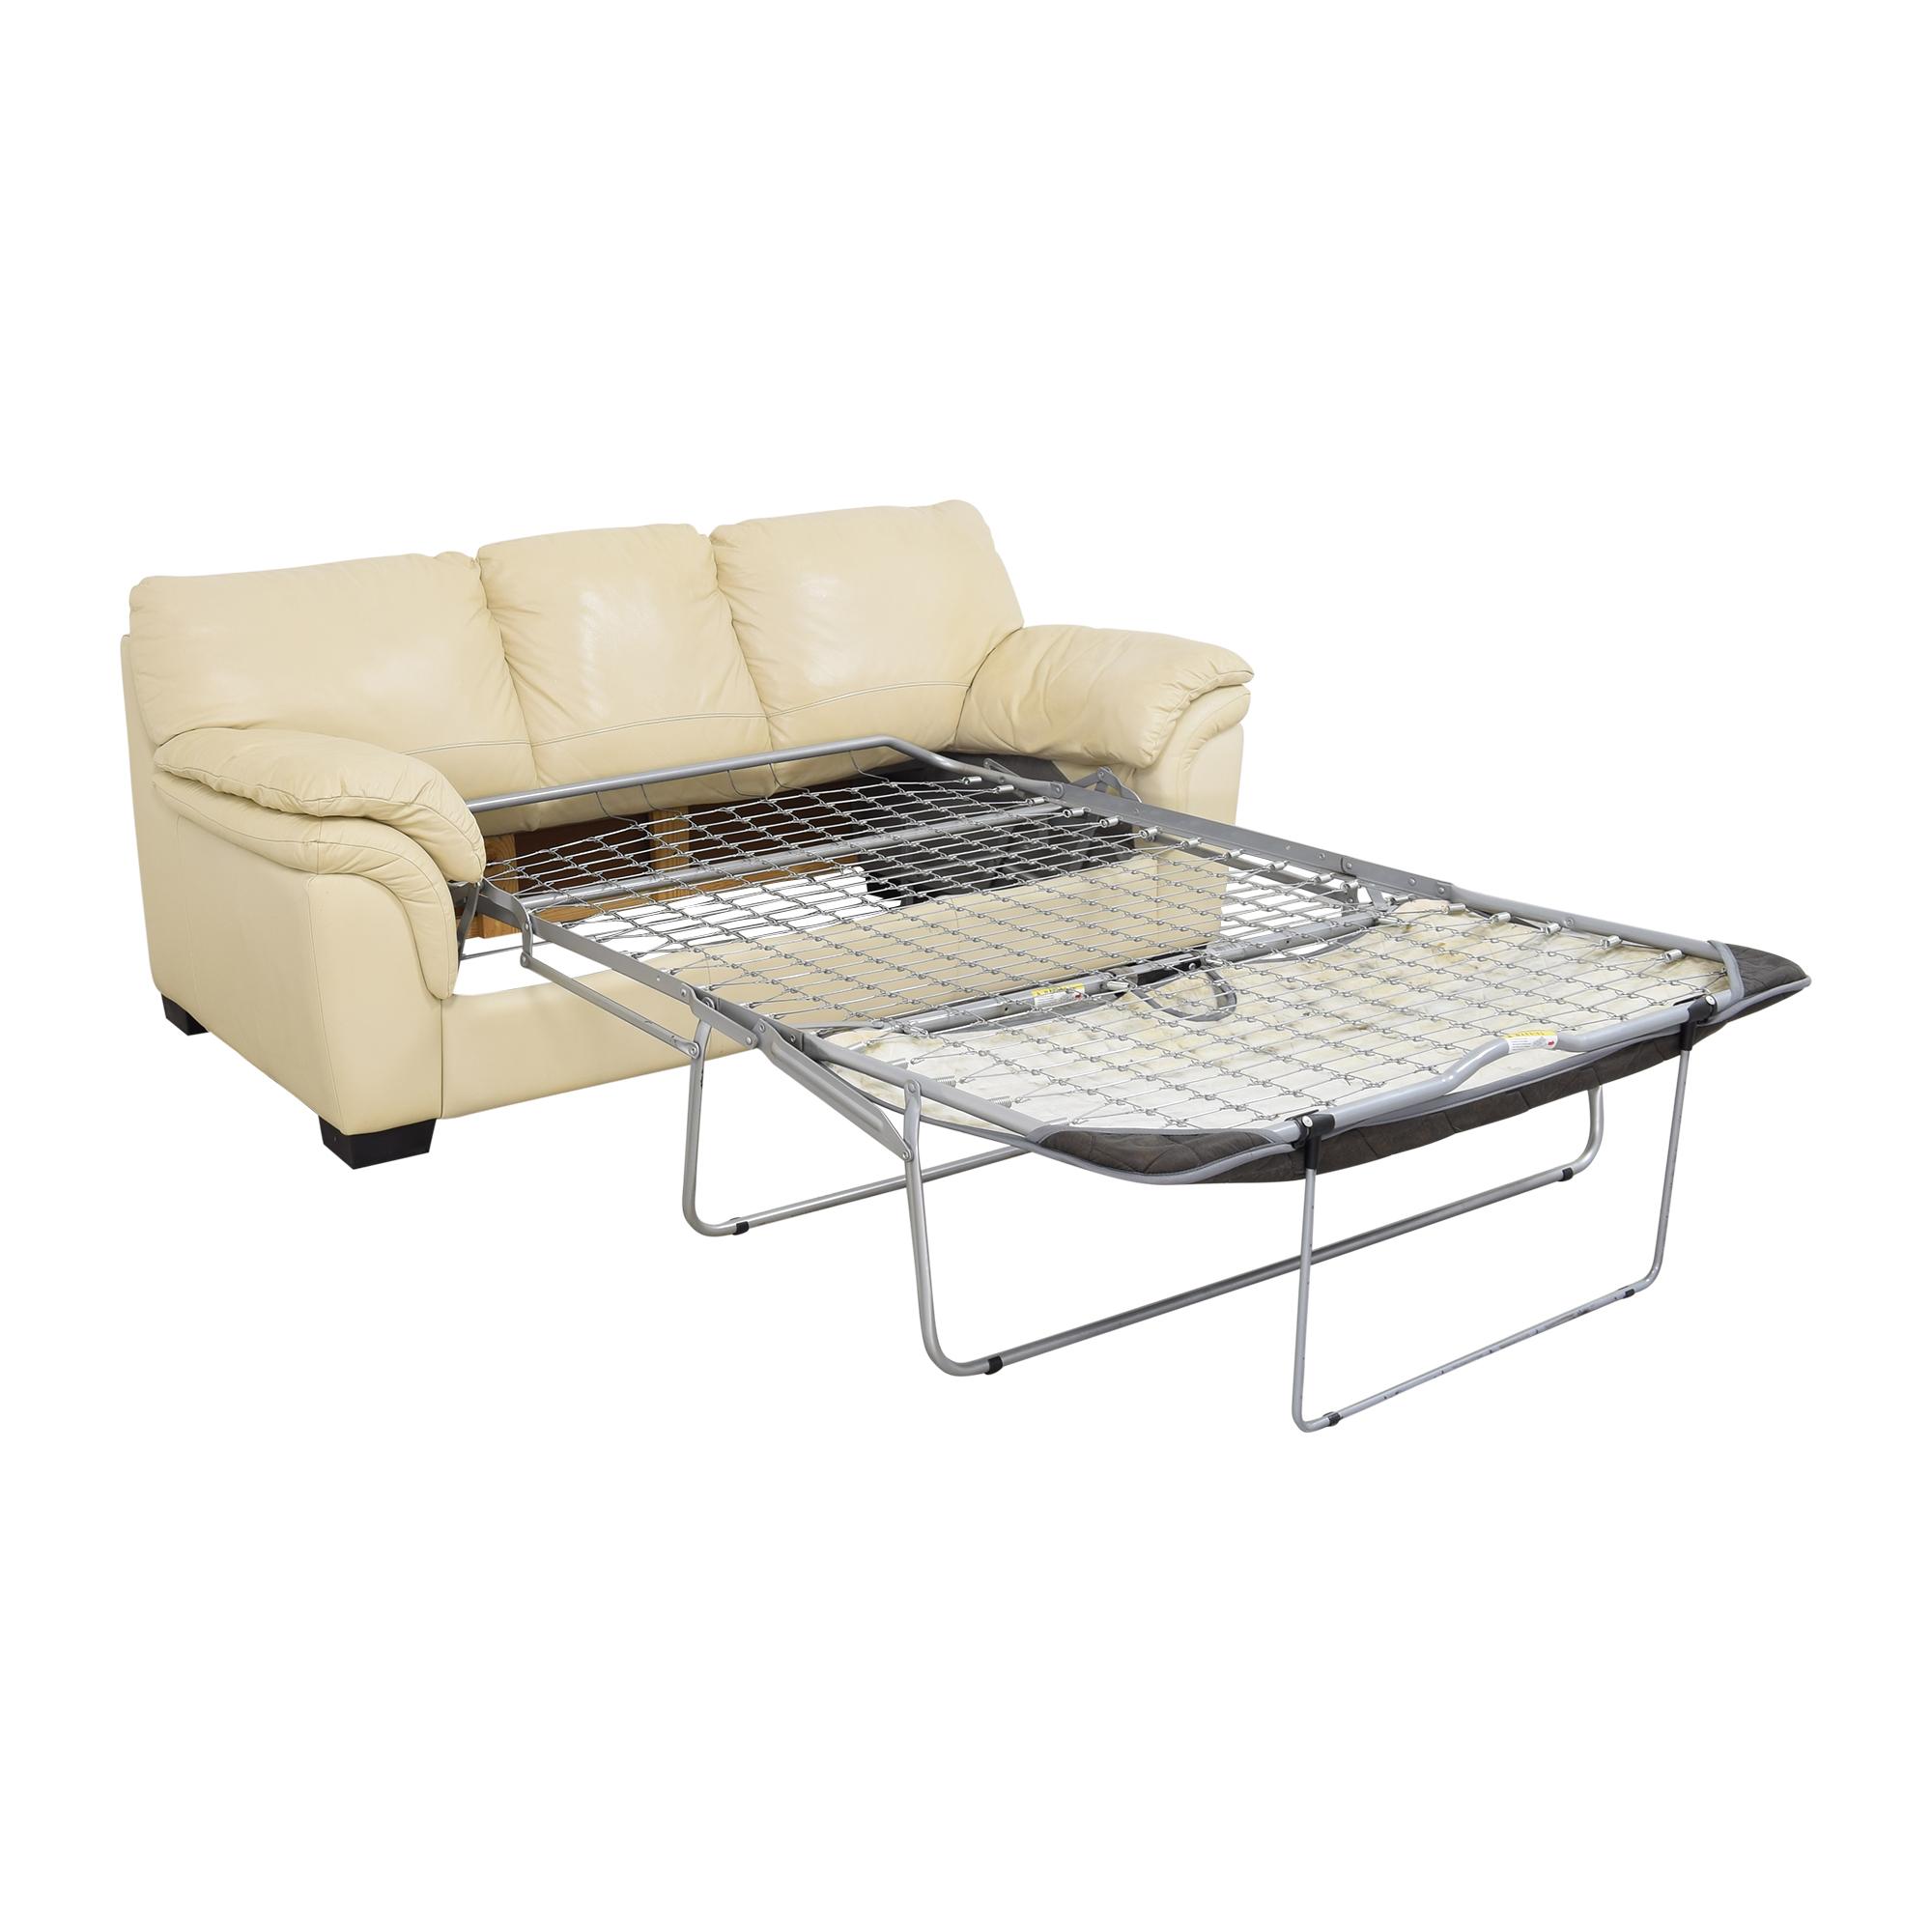 Italsofa Sleeper Sofa sale